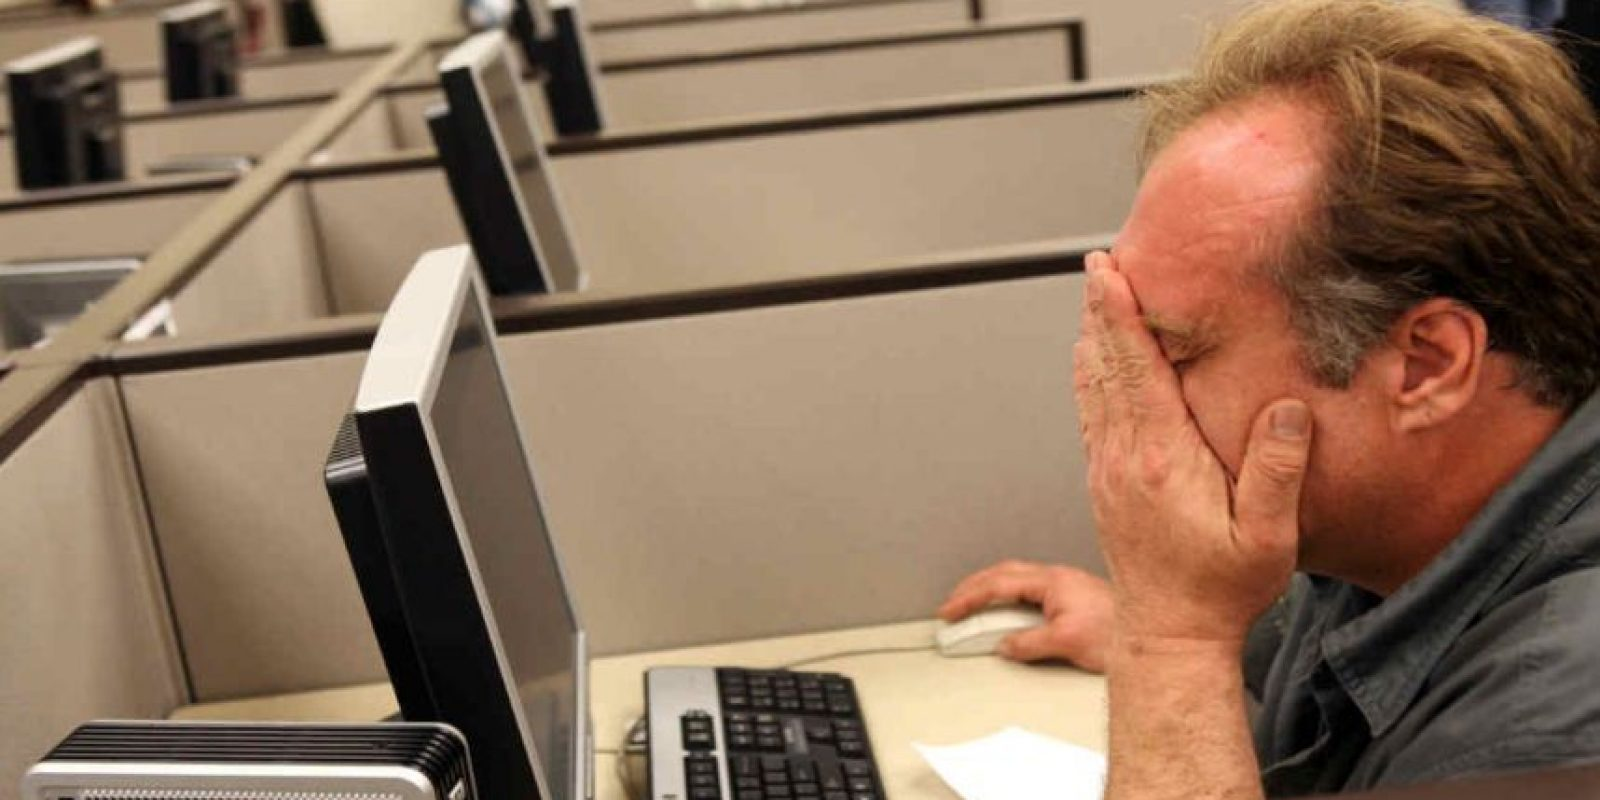 El estar horas frente a una pantalla puede provocarnos problemas visuales como resequedad o tensión ocular. Foto:Getty Images